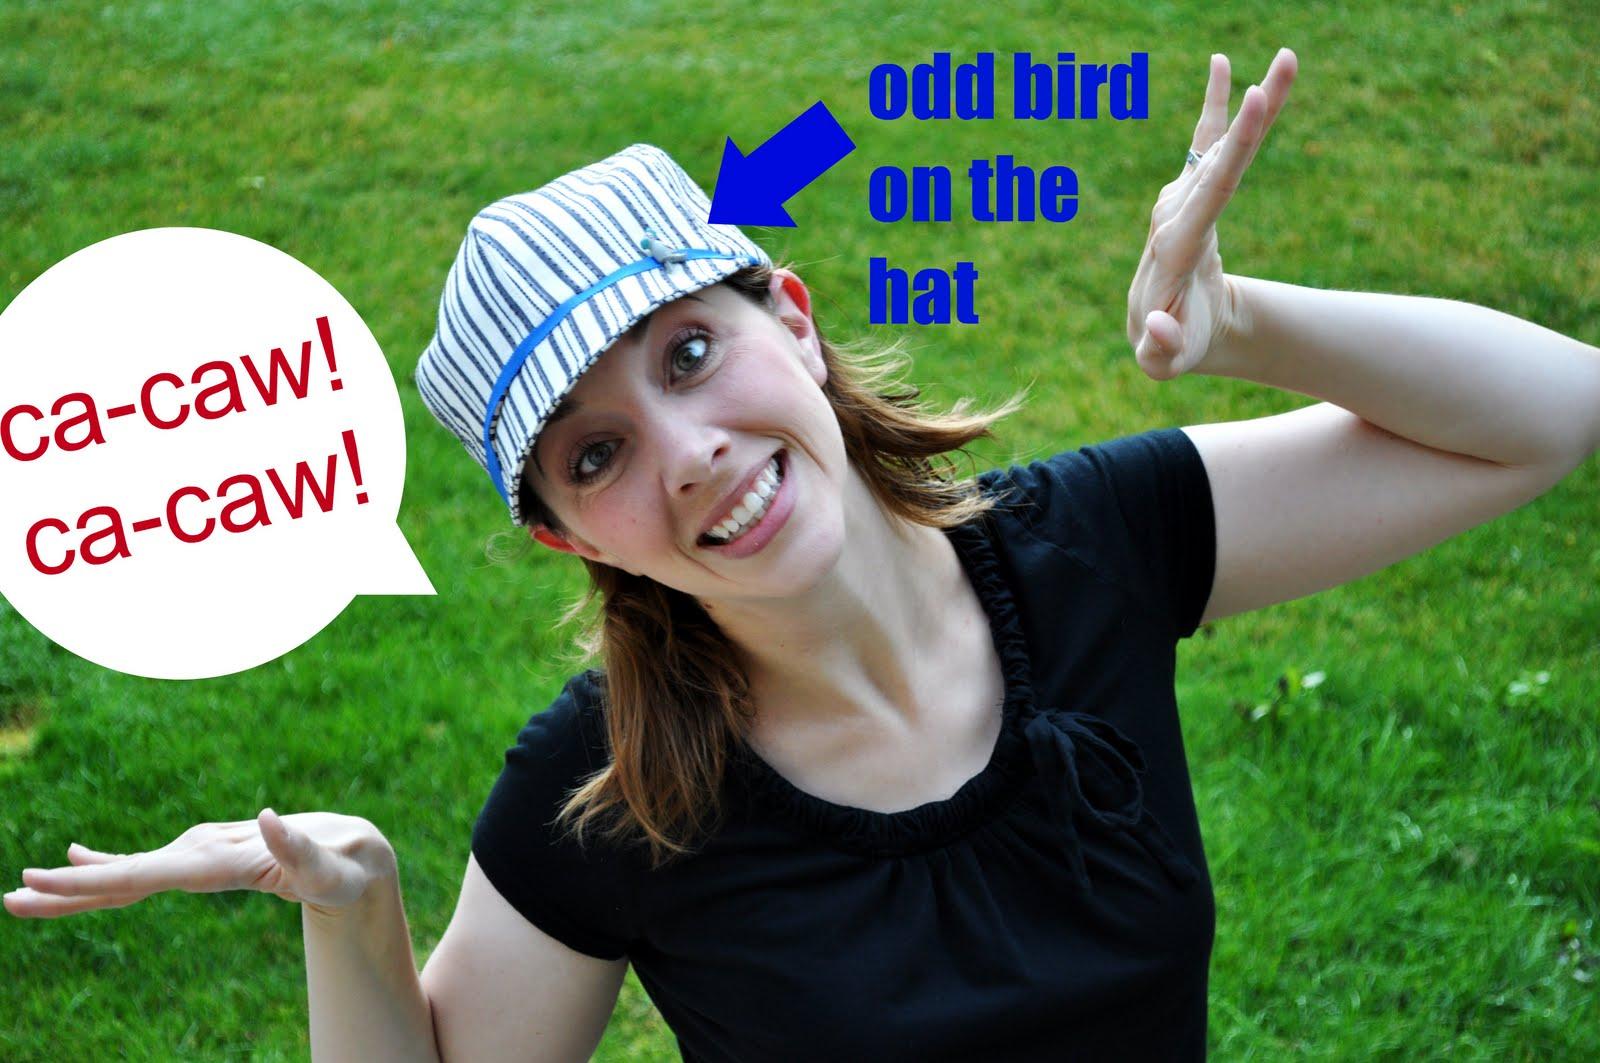 http://1.bp.blogspot.com/_faBeNT8cjJE/THLDnbxzu7I/AAAAAAAAGbY/OXYhE0d5axw/s1600/birdyhat3.jpg